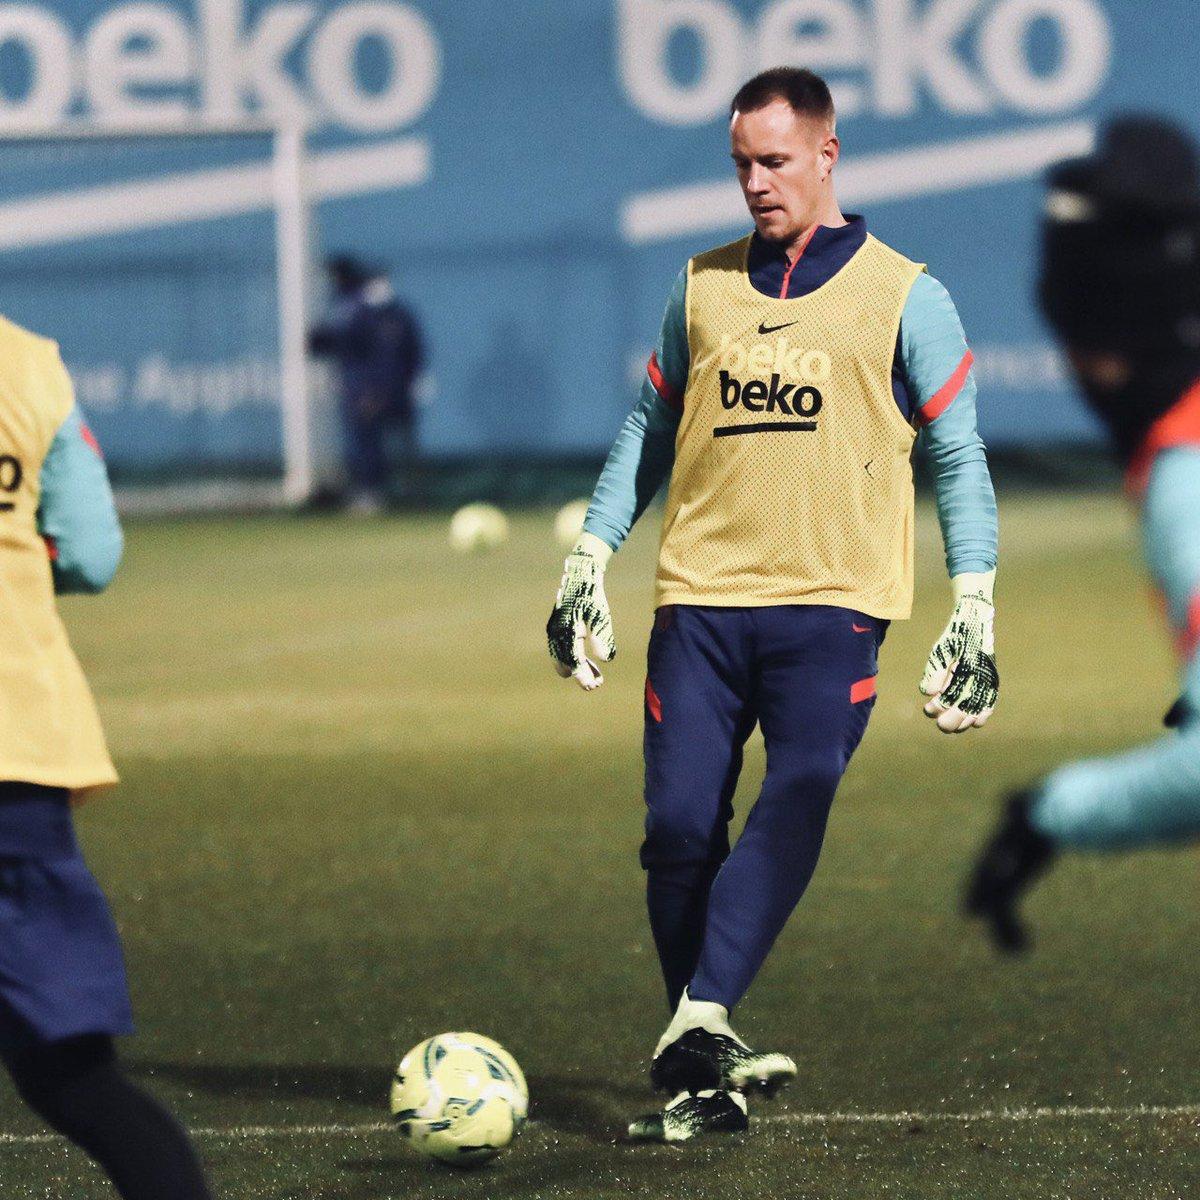 2021, let's go! 💪🏻🔵🔴 @FCBarcelona